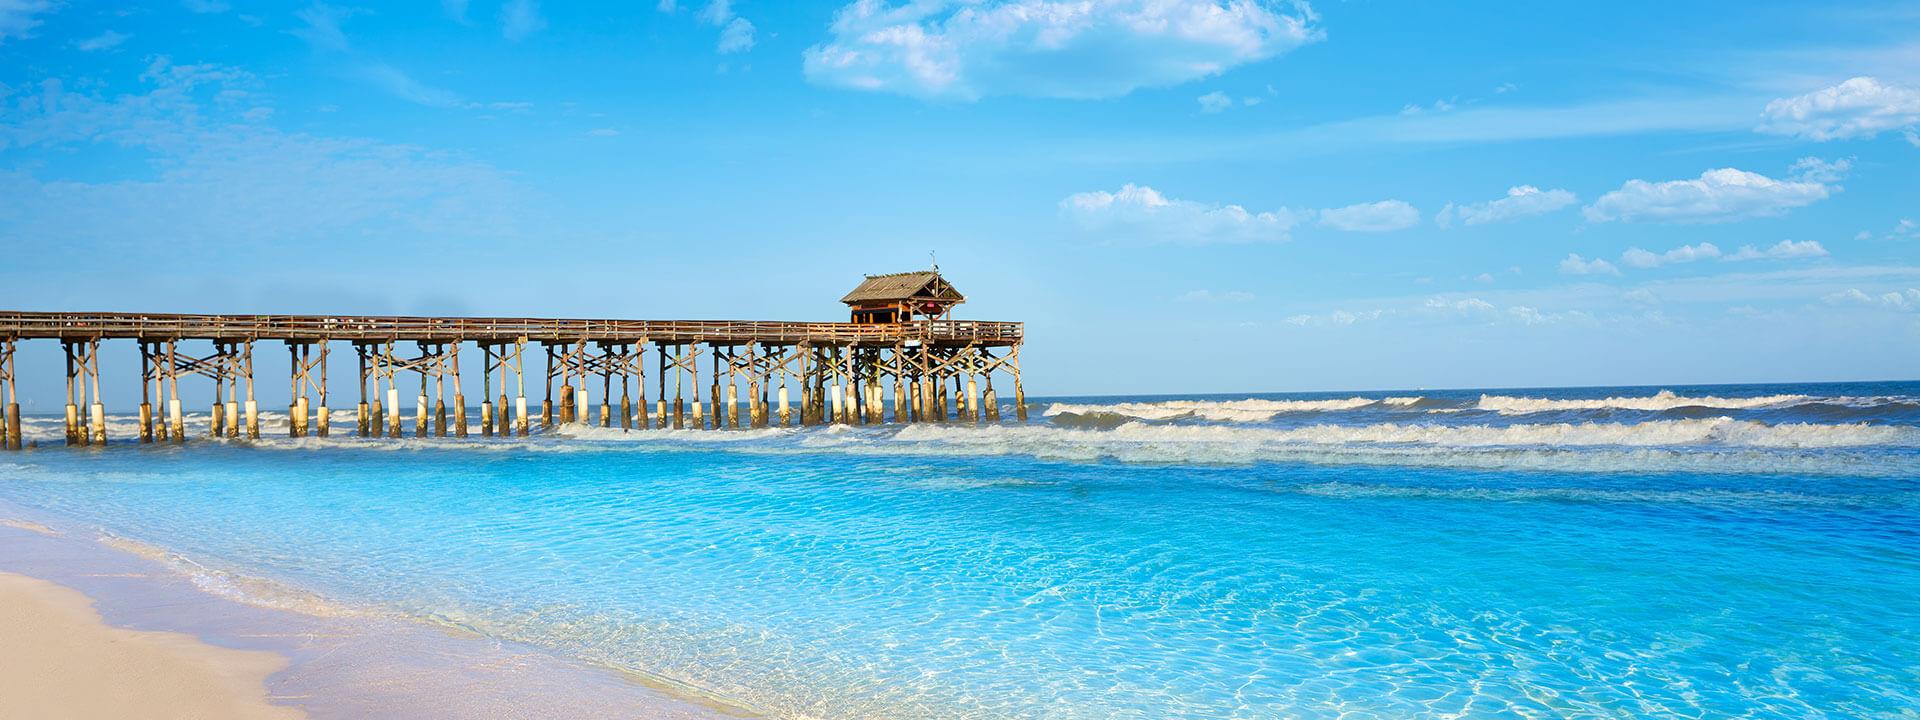 Cocoa Beach Pier >> Cocoa Beach Pier